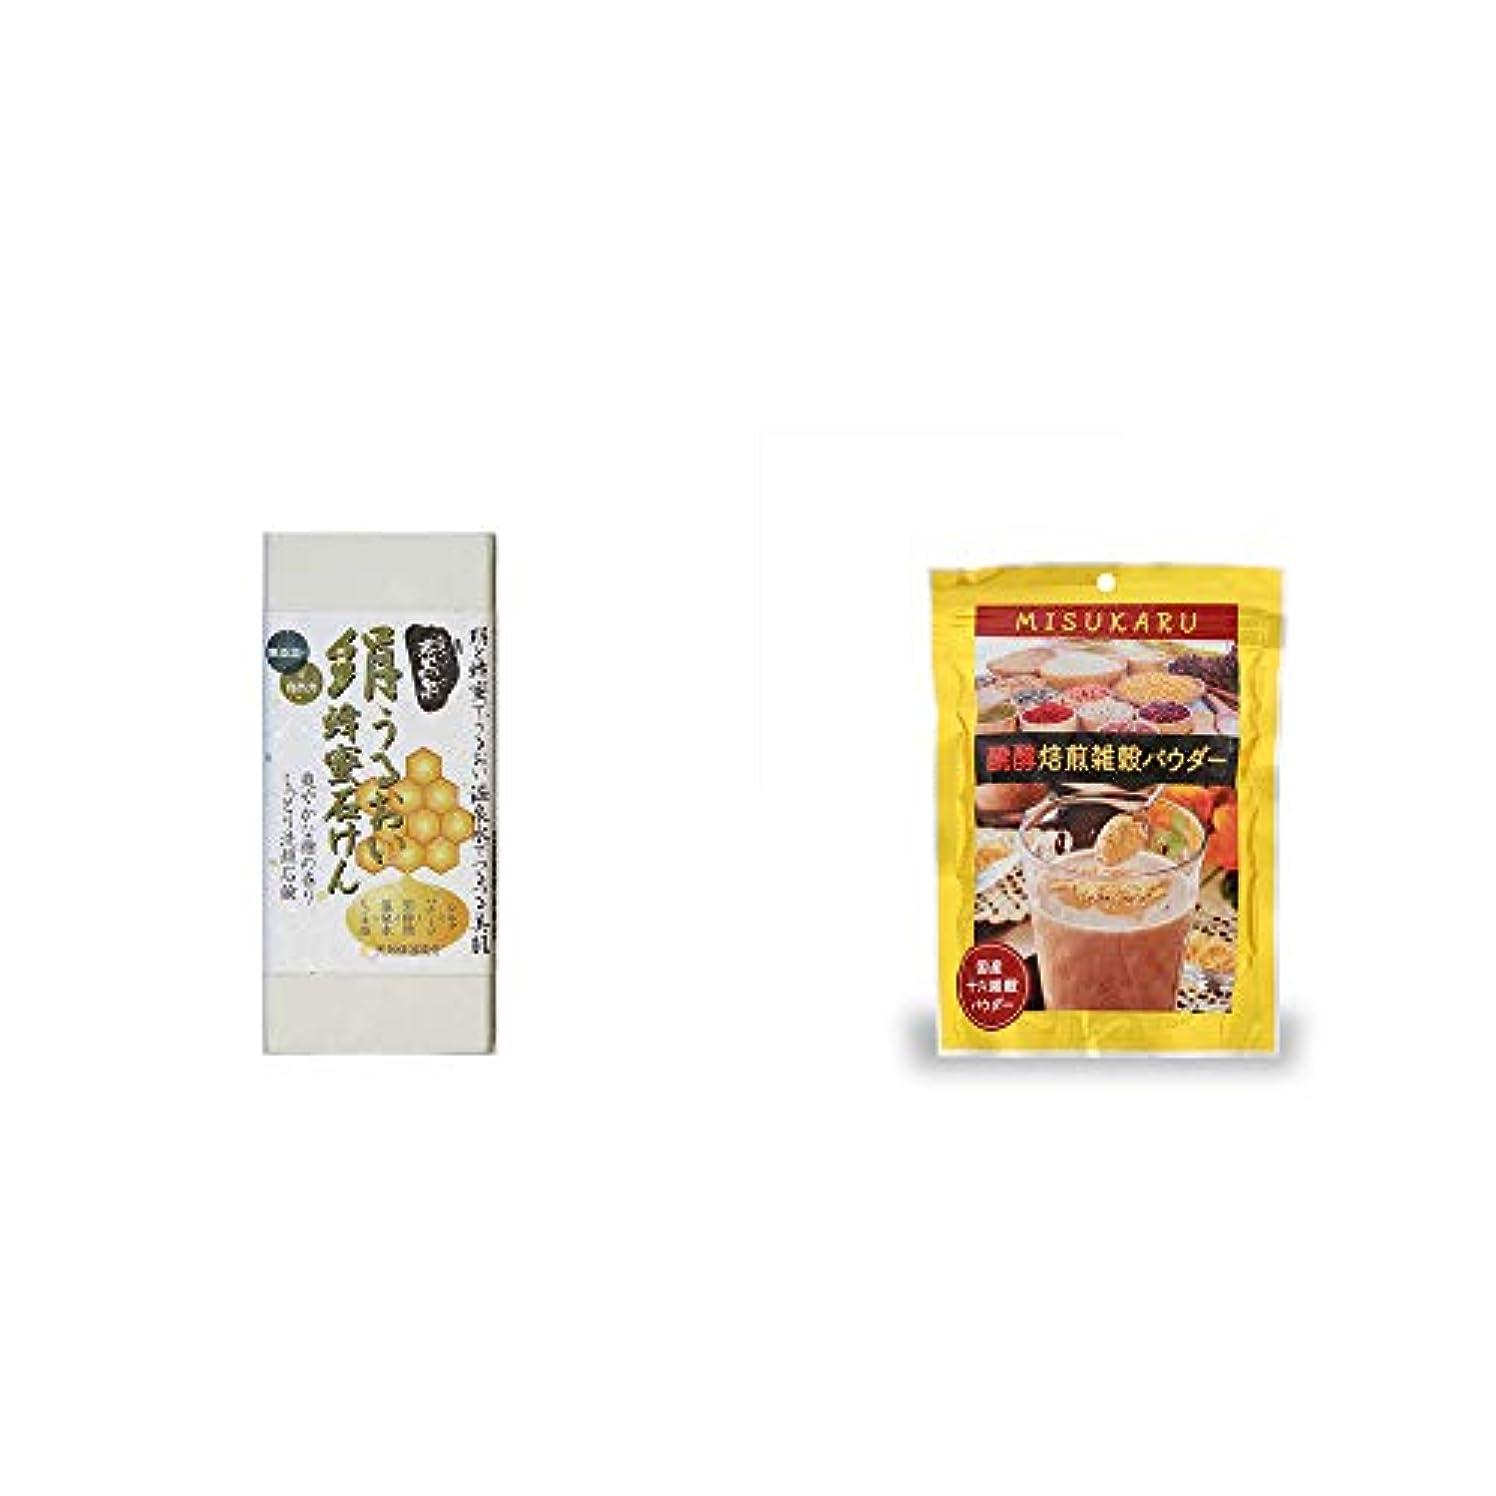 社会種類店員[2点セット] ひのき炭黒泉 絹うるおい蜂蜜石けん(75g×2)?醗酵焙煎雑穀パウダー MISUKARU(ミスカル)(200g)